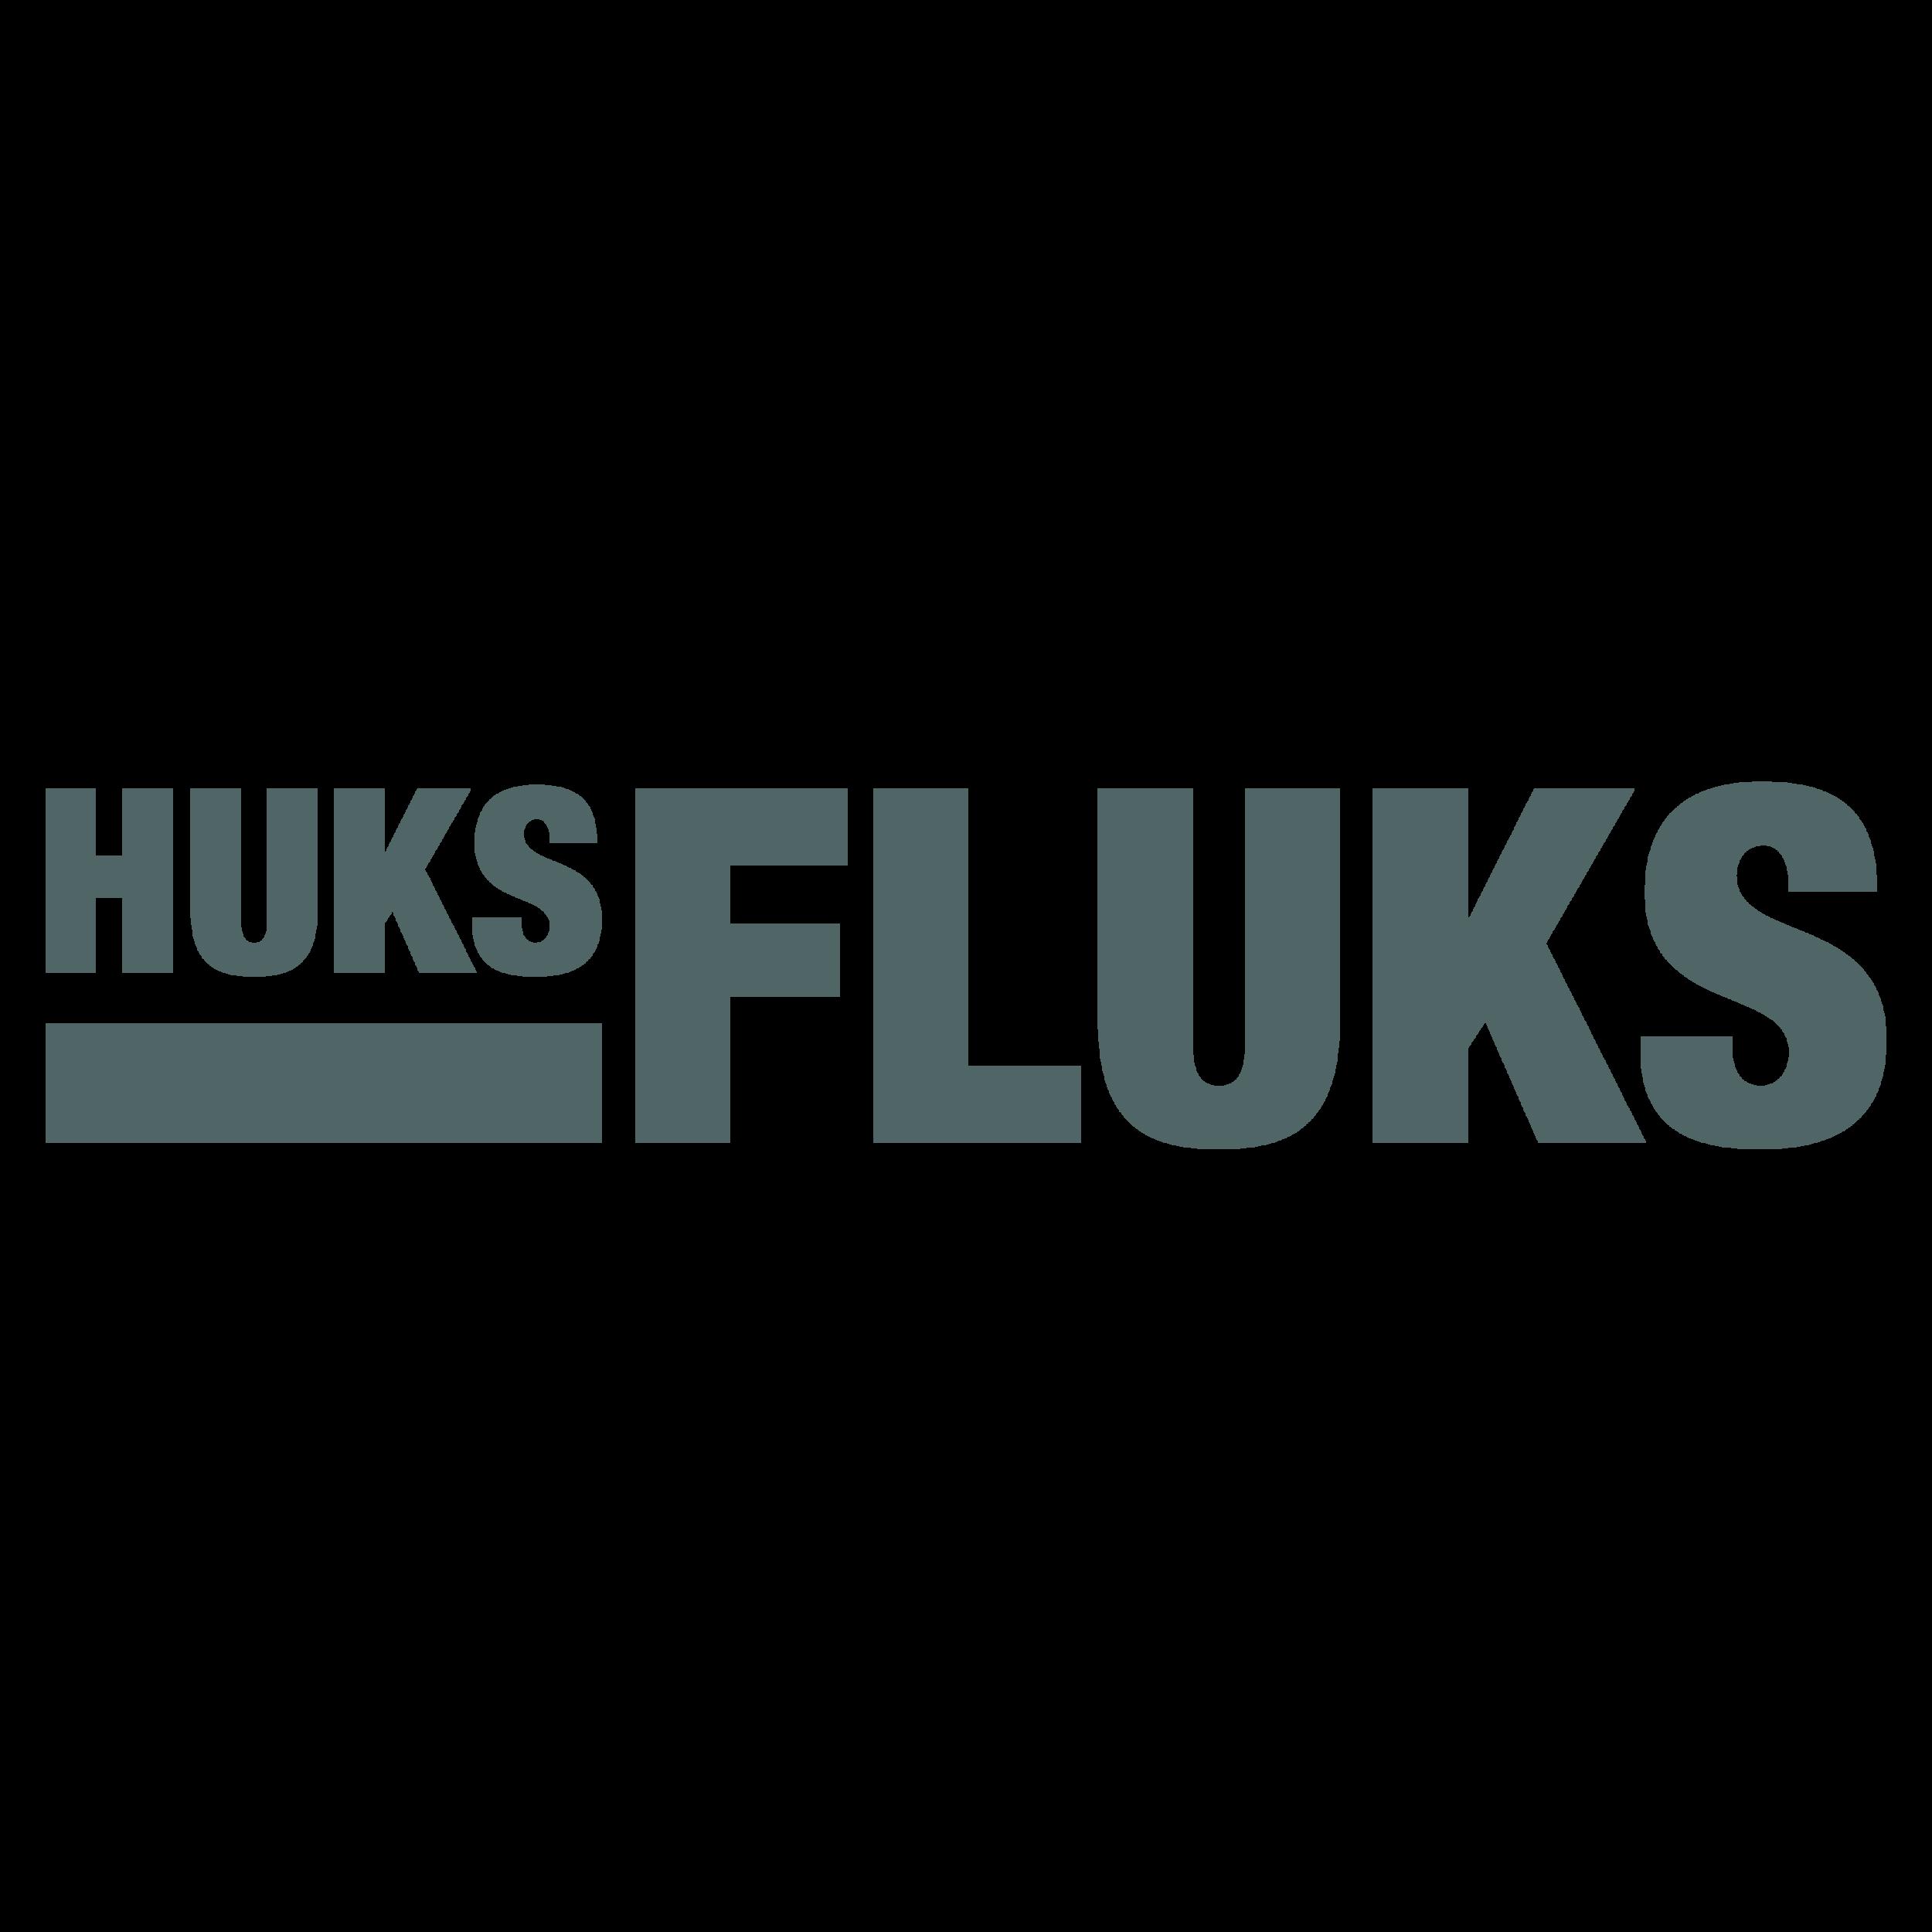 Huks Fluks